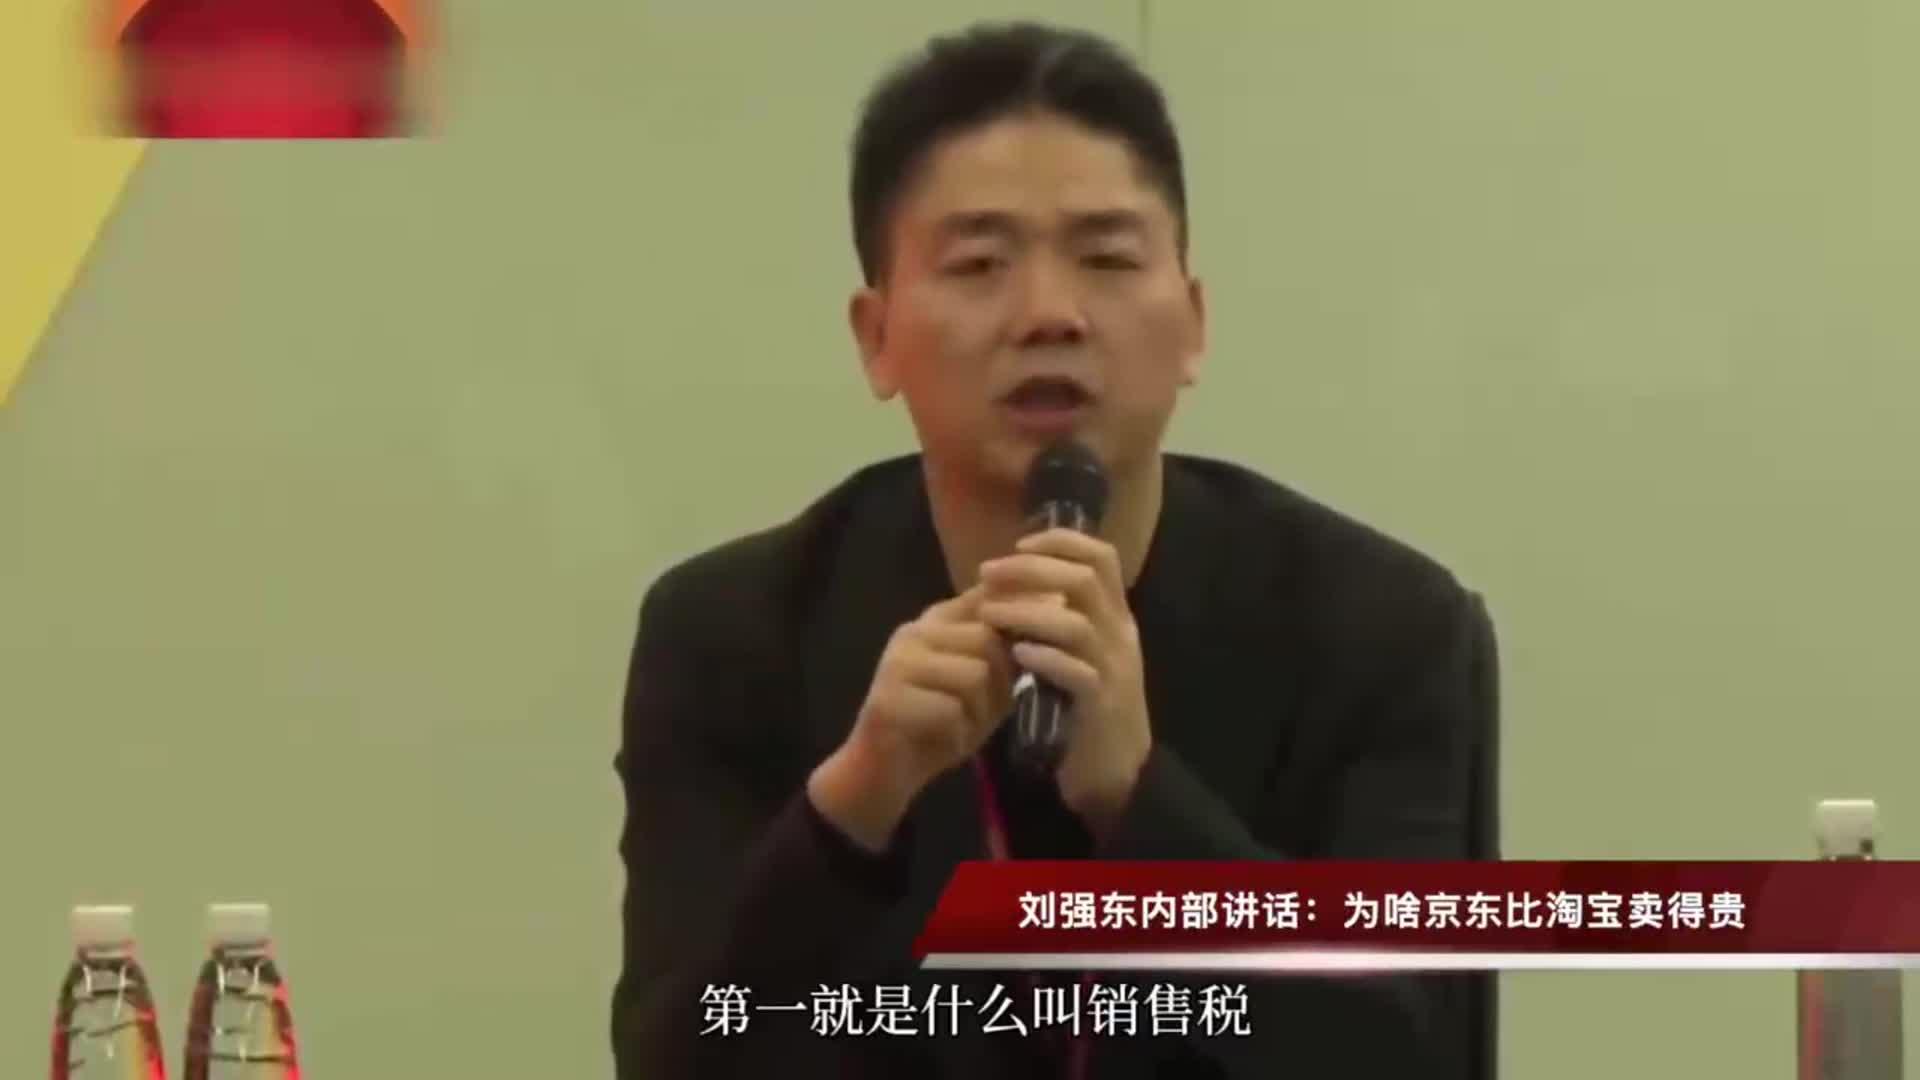 刘强东内部讲话:为什么某宝的产品,卖的比京东便宜?我交税啊!